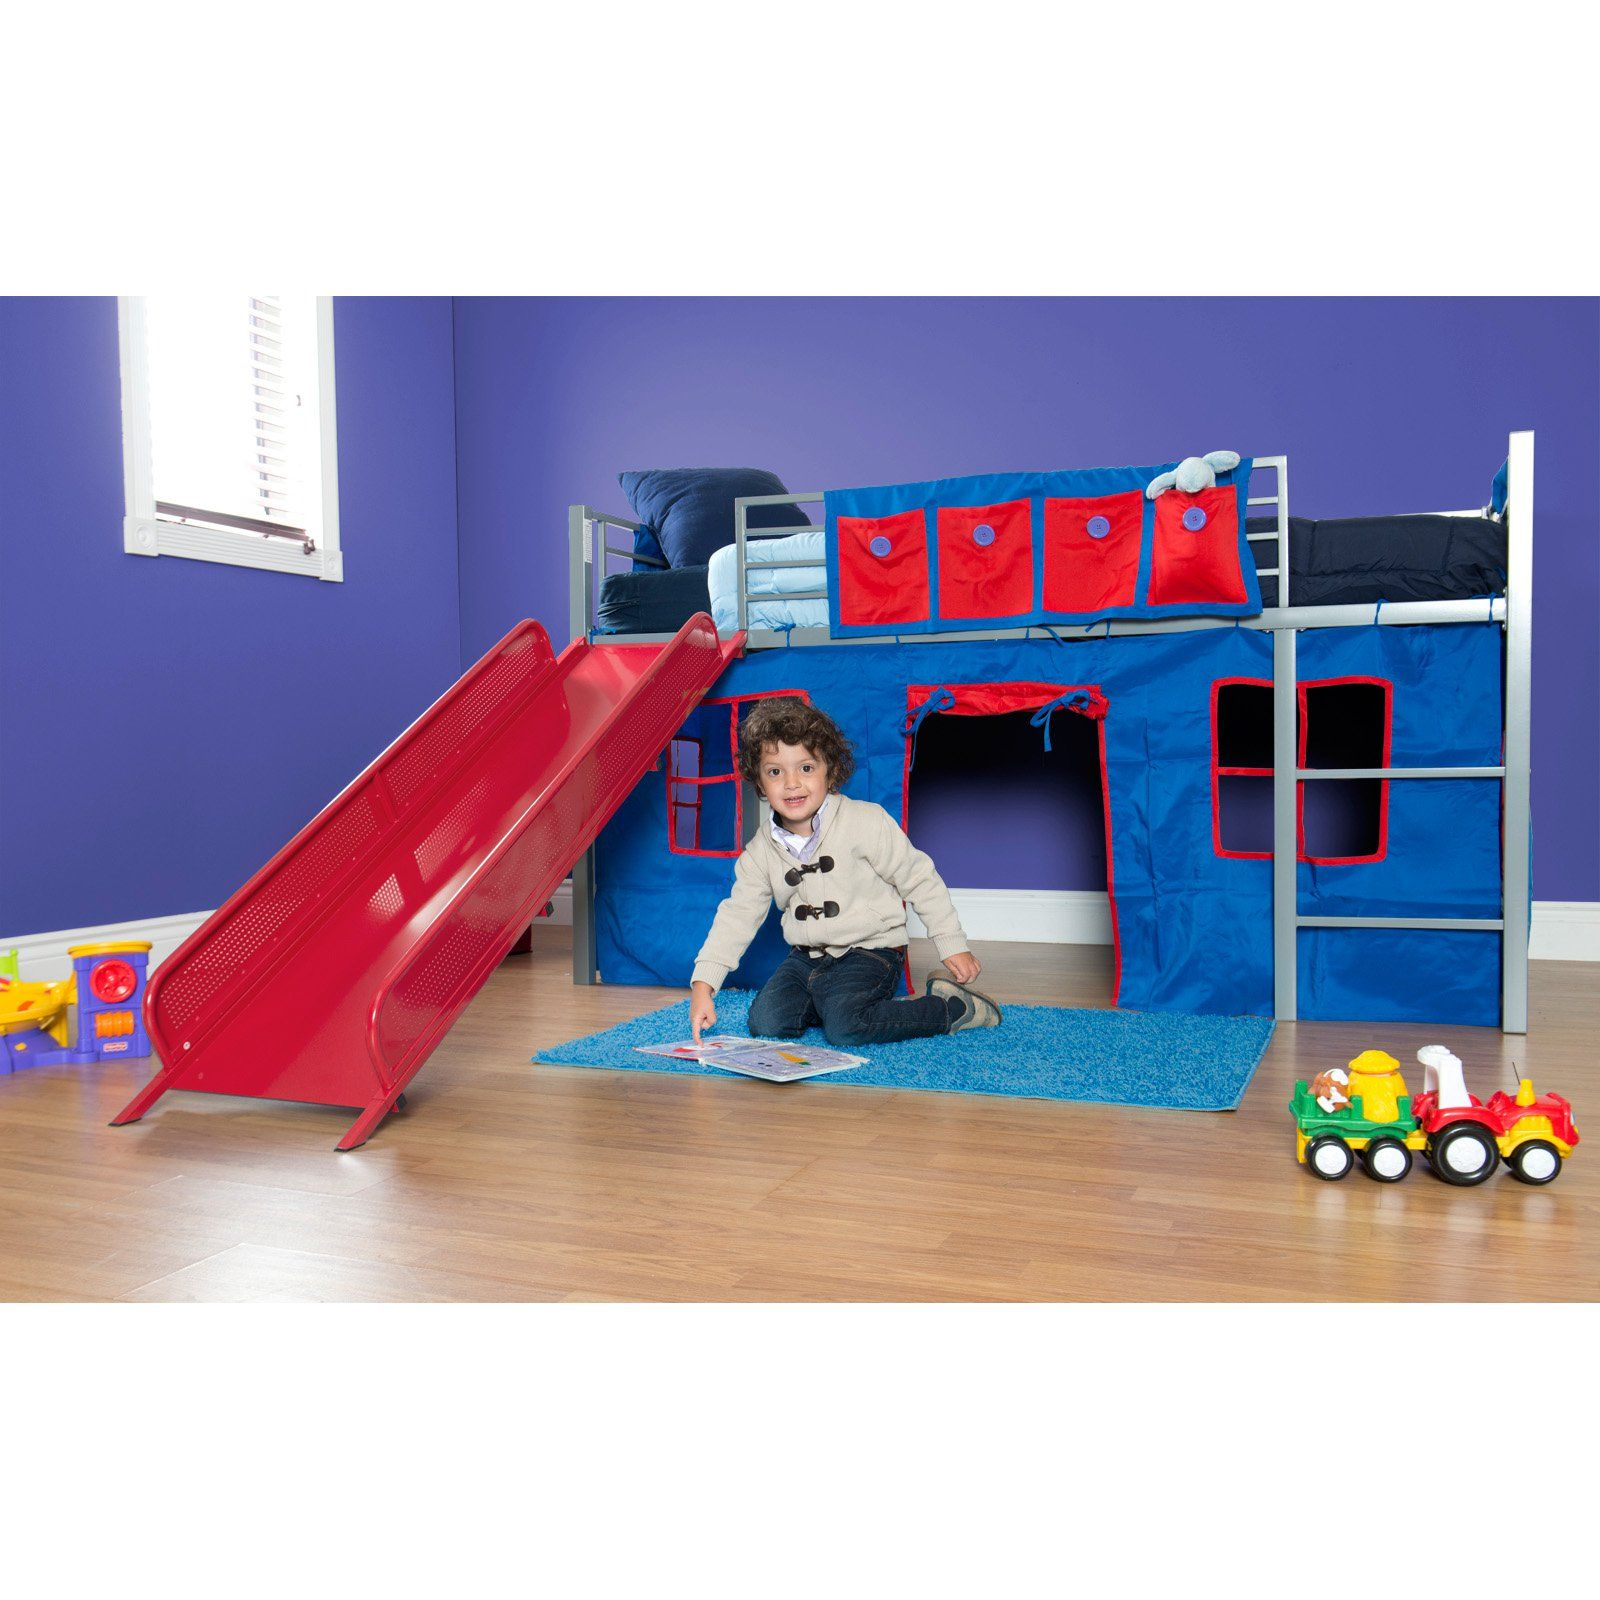 Slide for loft bed  Have to have it Dorel Home Junior Fantasy Loft with Red Slide